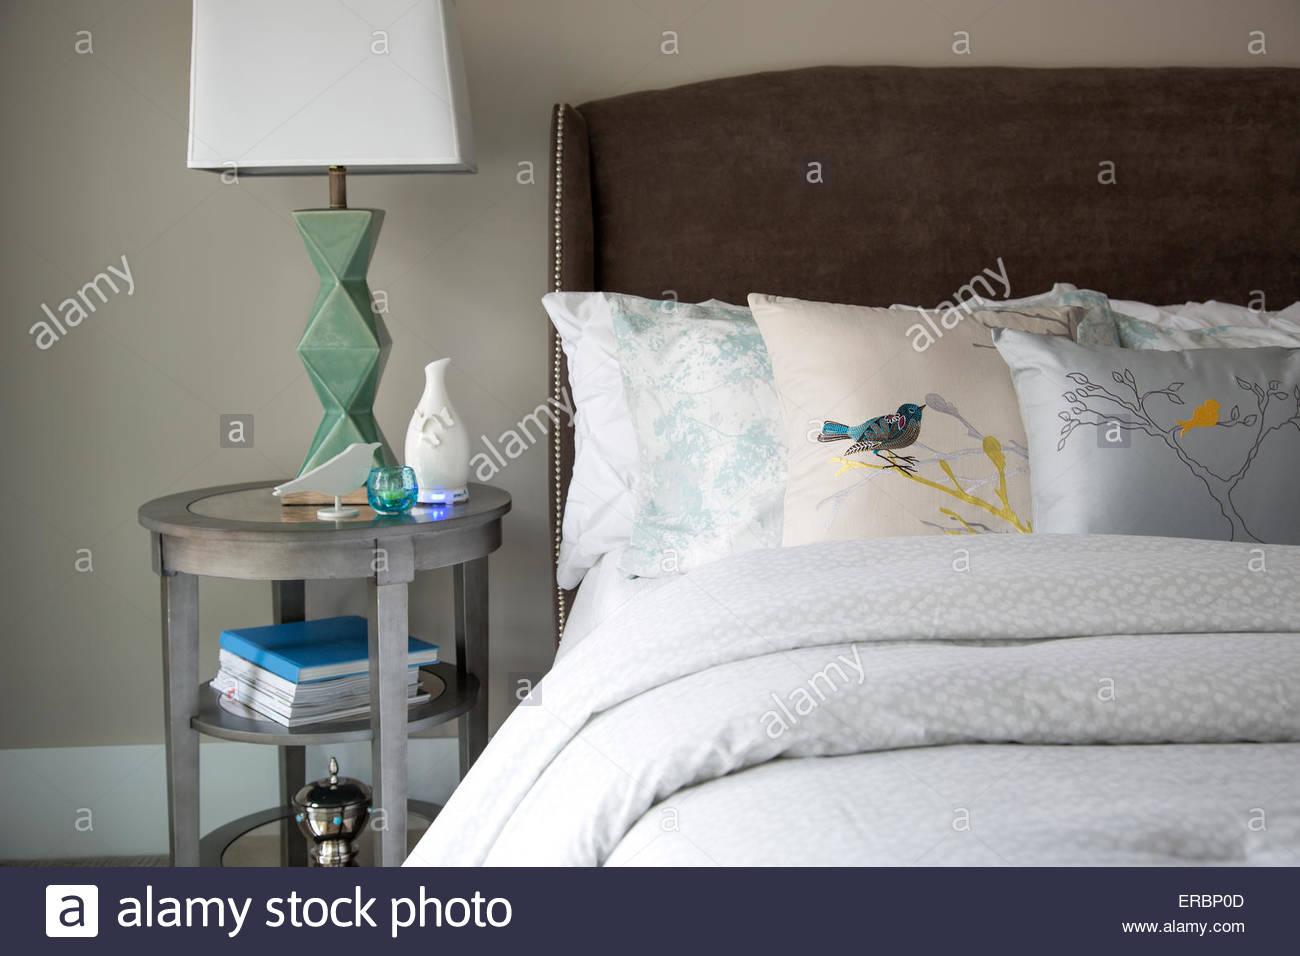 Vogel-Kissen auf elegante Bett Stockbild